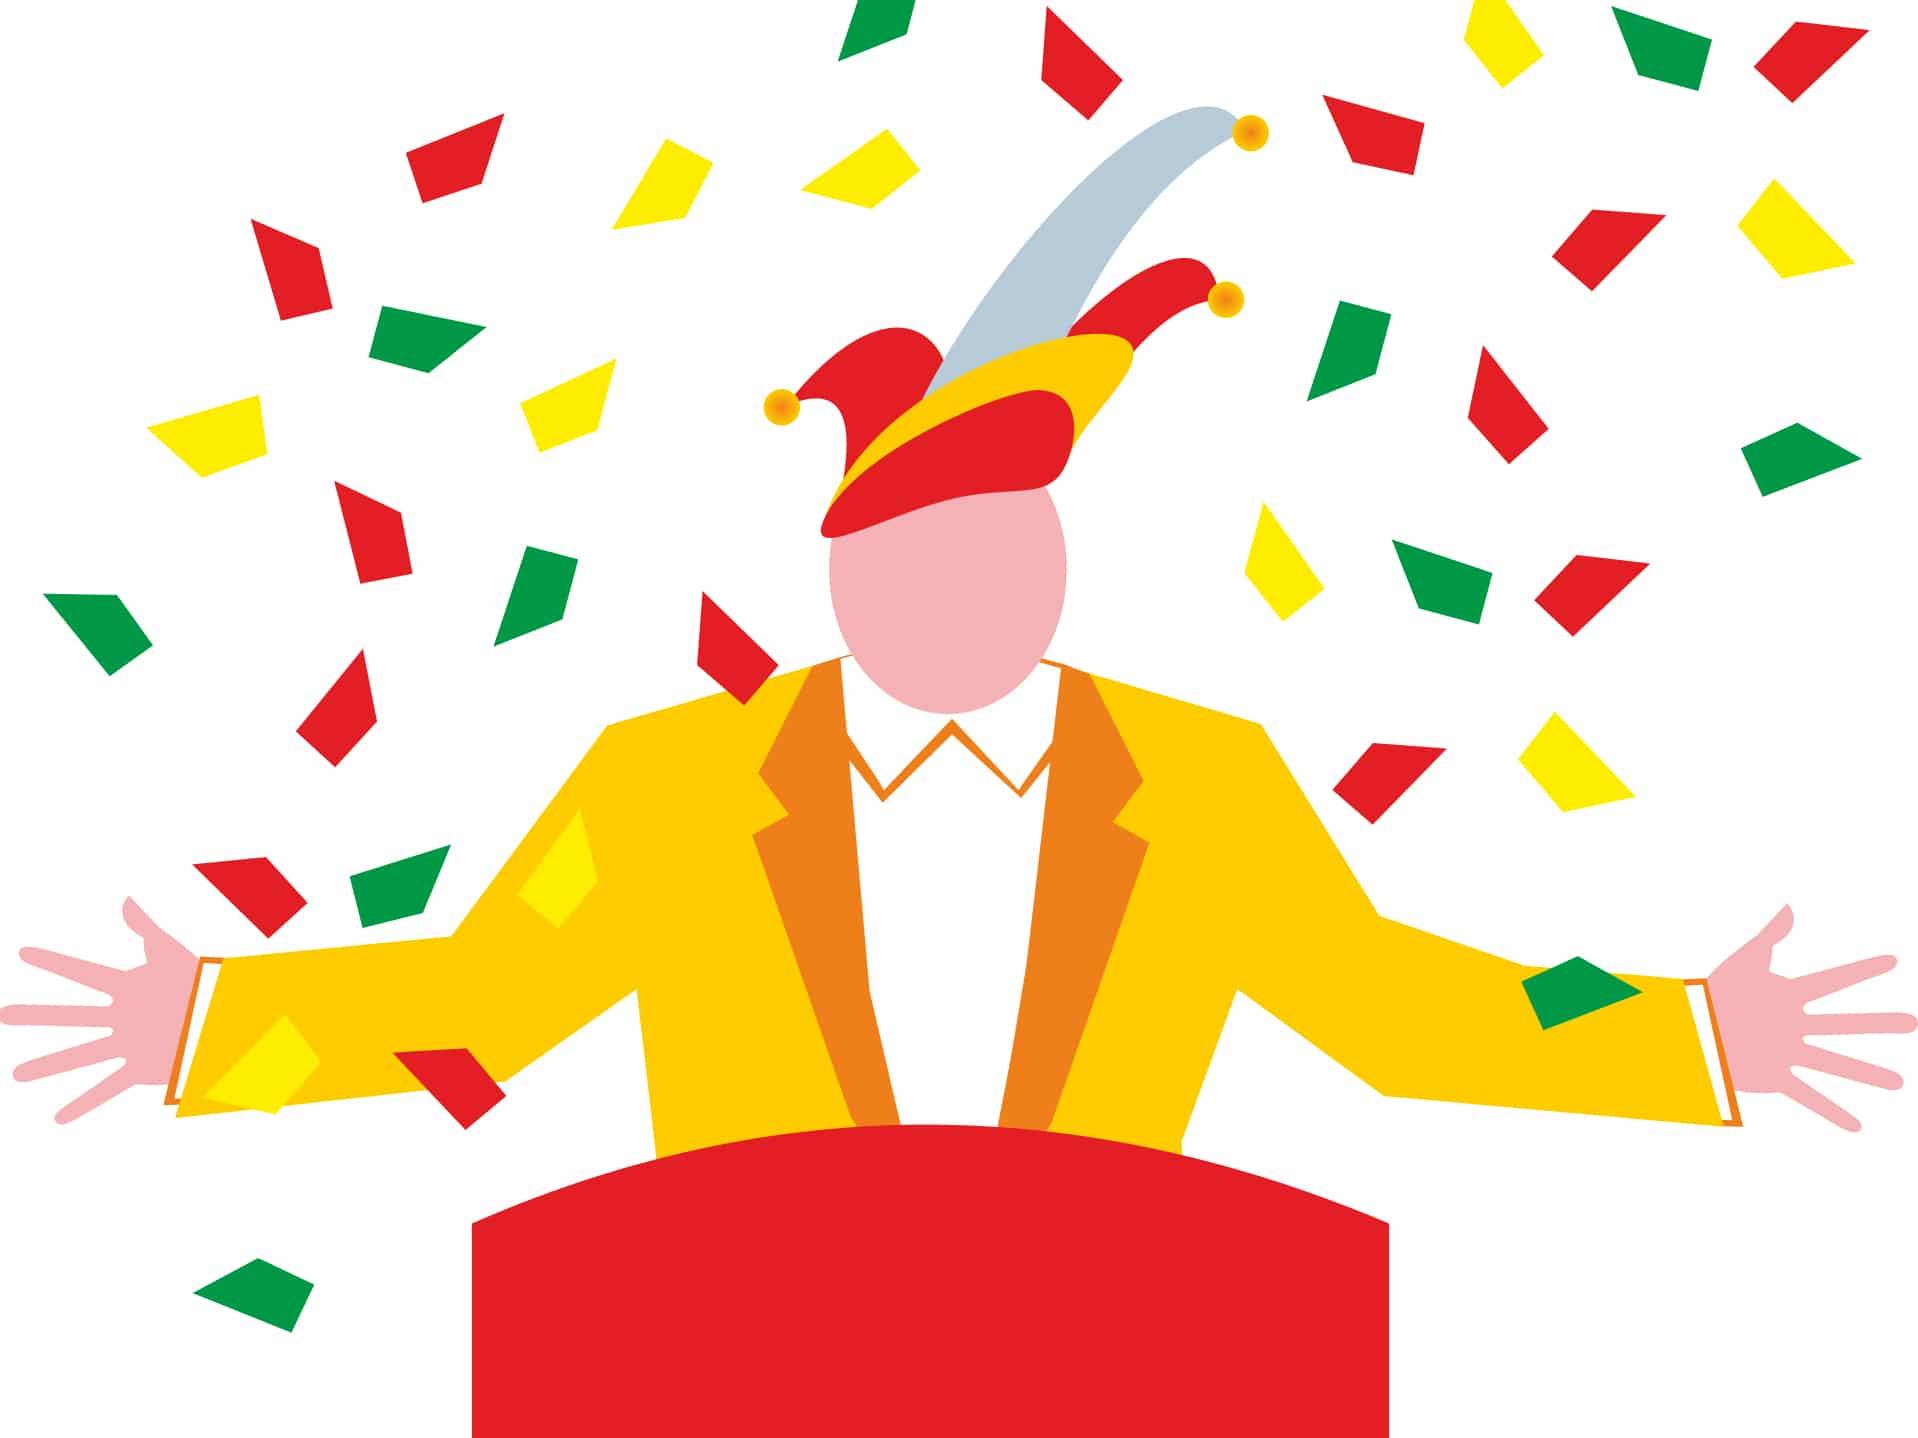 Vom Narrenruf bis zum Katerfrühstück: Bräuche und Traditionen an Karneval - copyright: pixabay.com